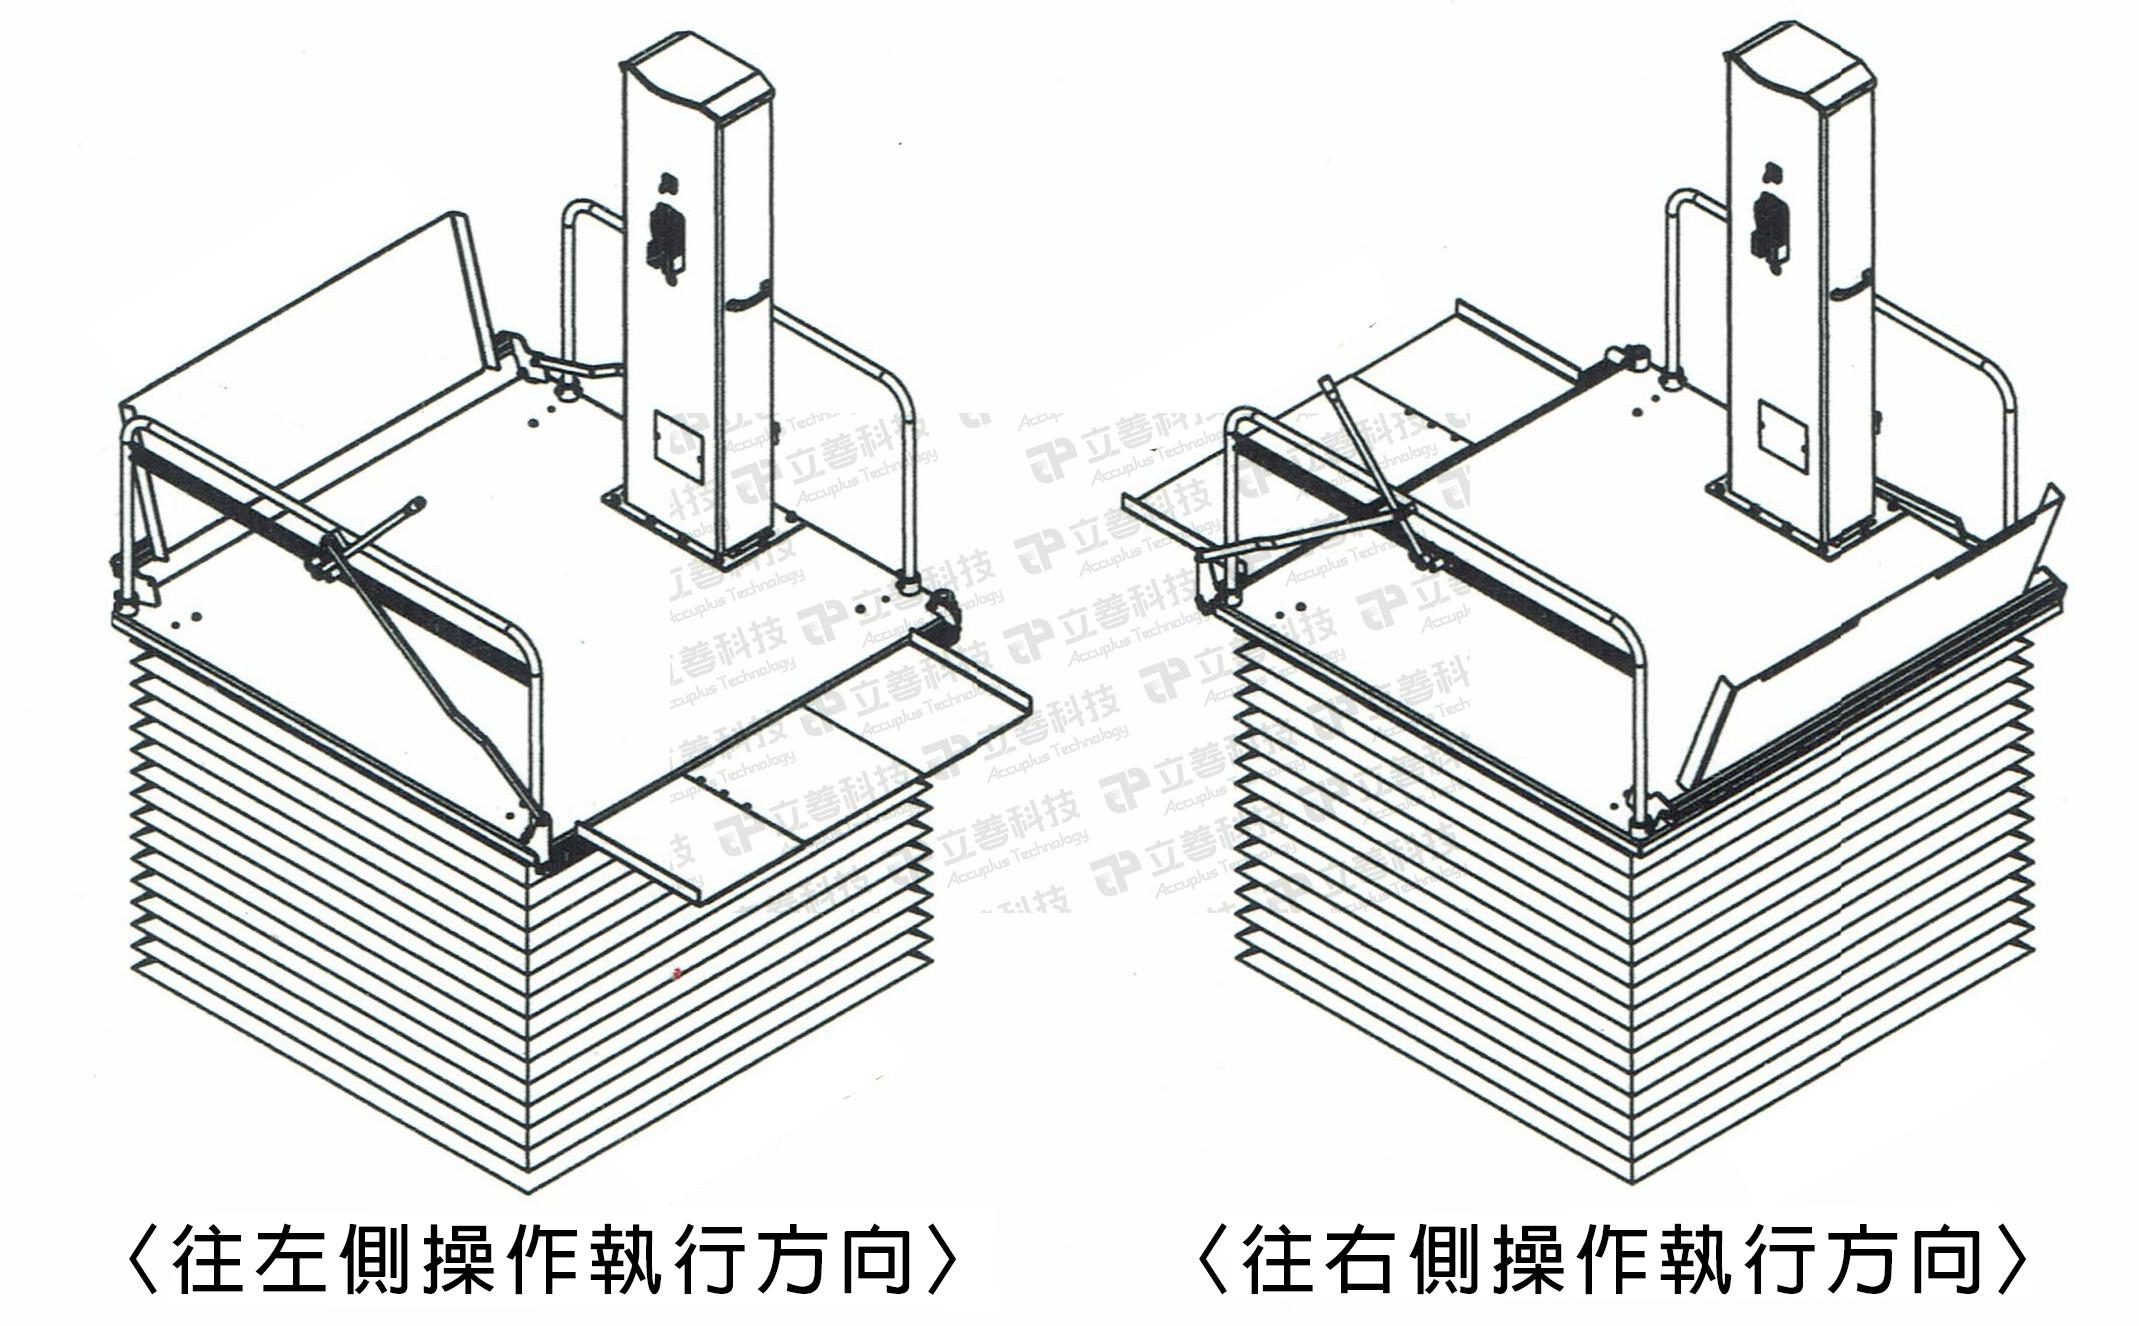 無障礙輪椅升降平台(NWL)